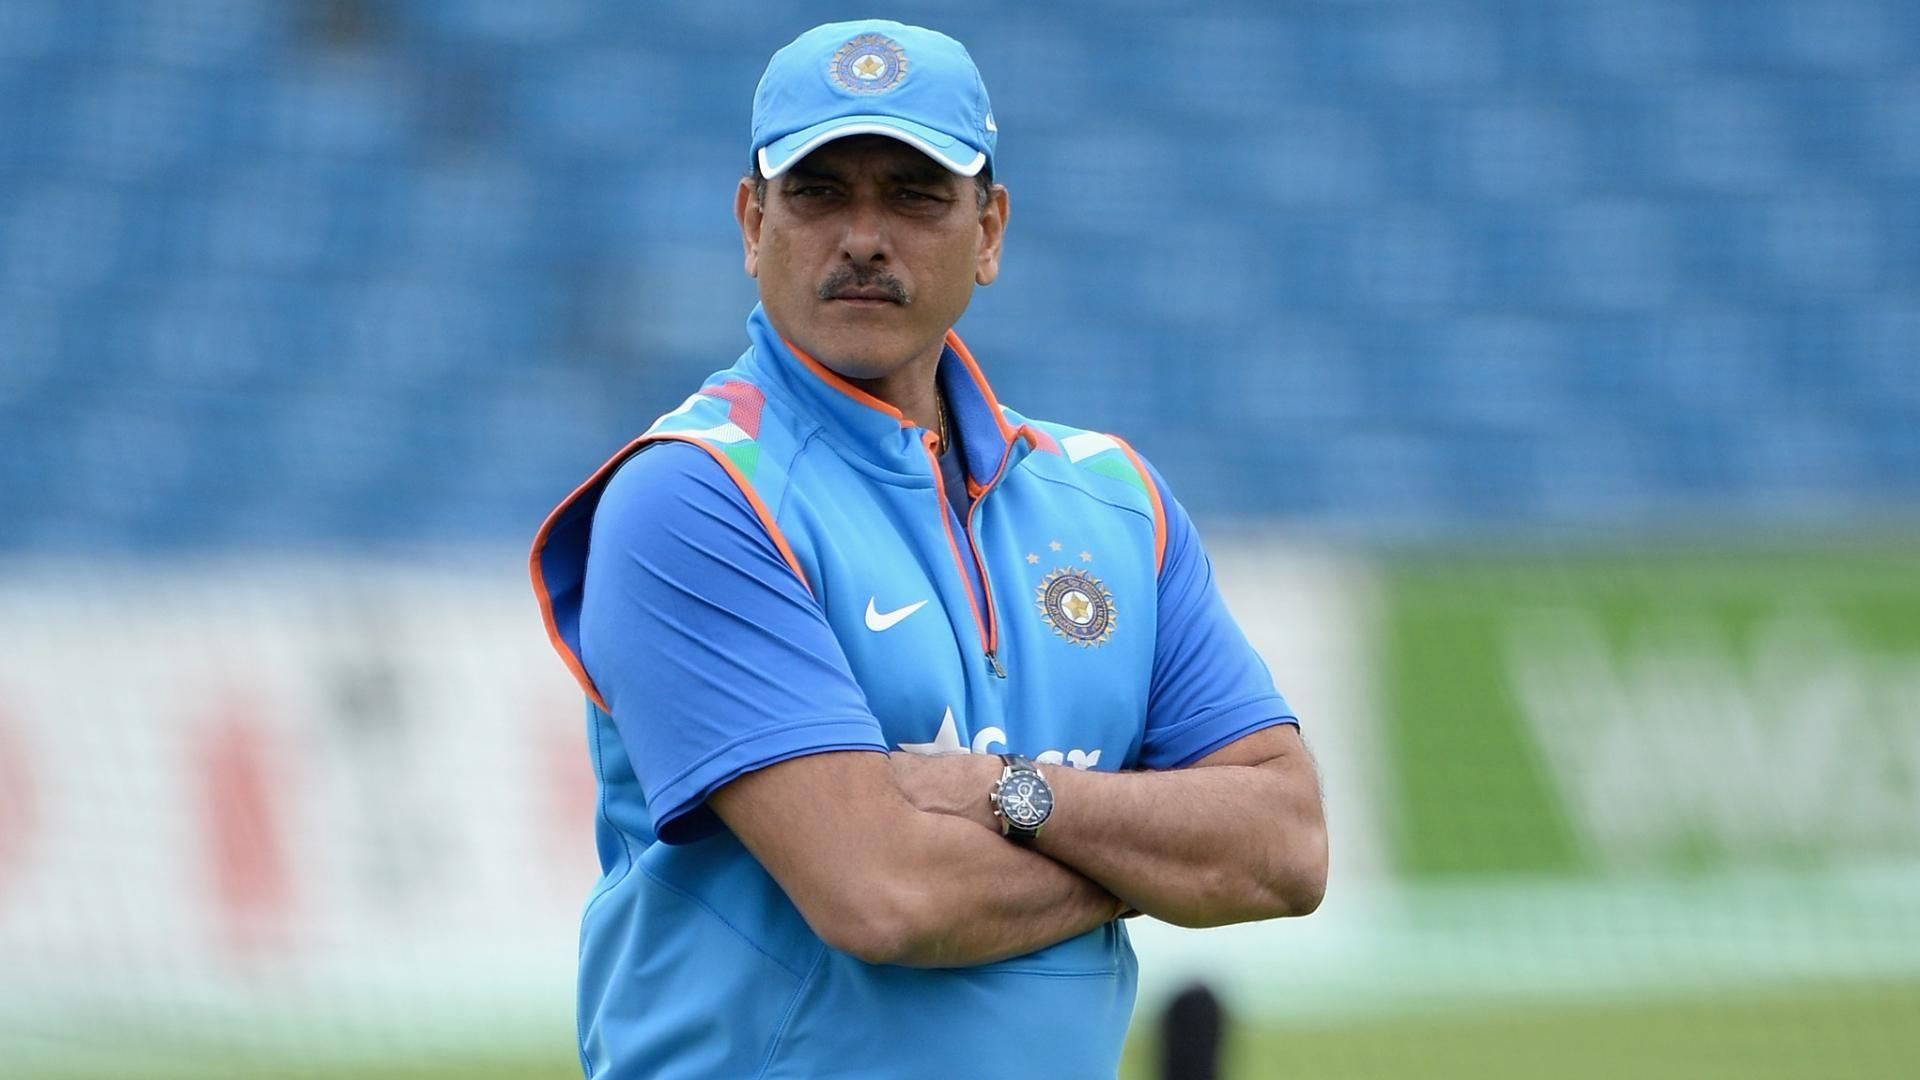 टीम इंडिया का कोच न बनाए जाने से रवि शास्त्री हुए निराश 6